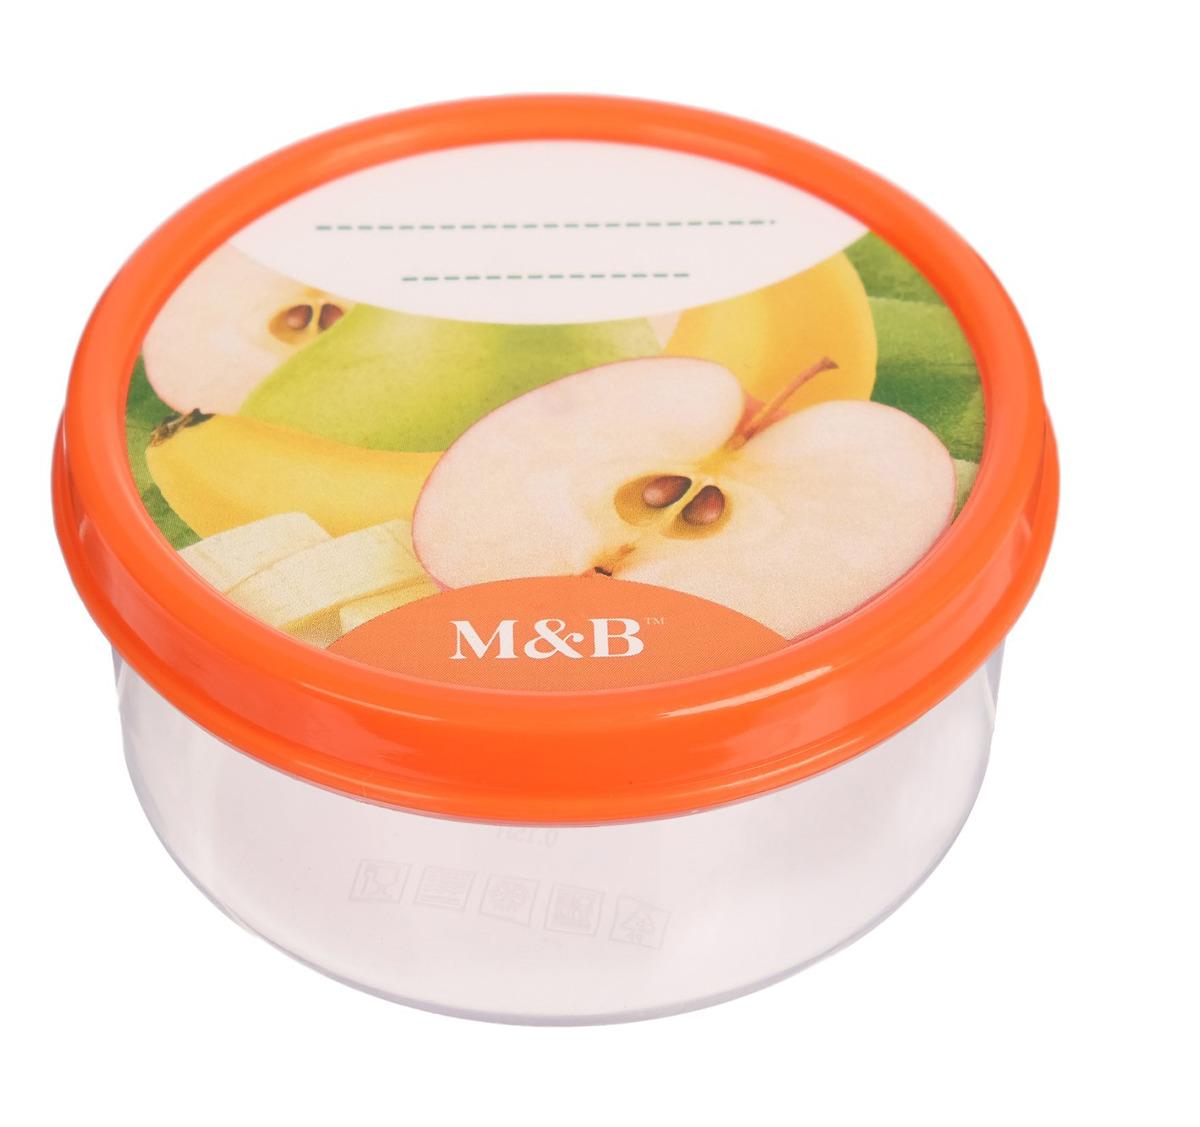 Контейнер пищевой Mum&Baby Фрукты, 3305613, для хранения детского питания, 150 мл контейнер пищевой вакуумный bekker квадратный 330 мл